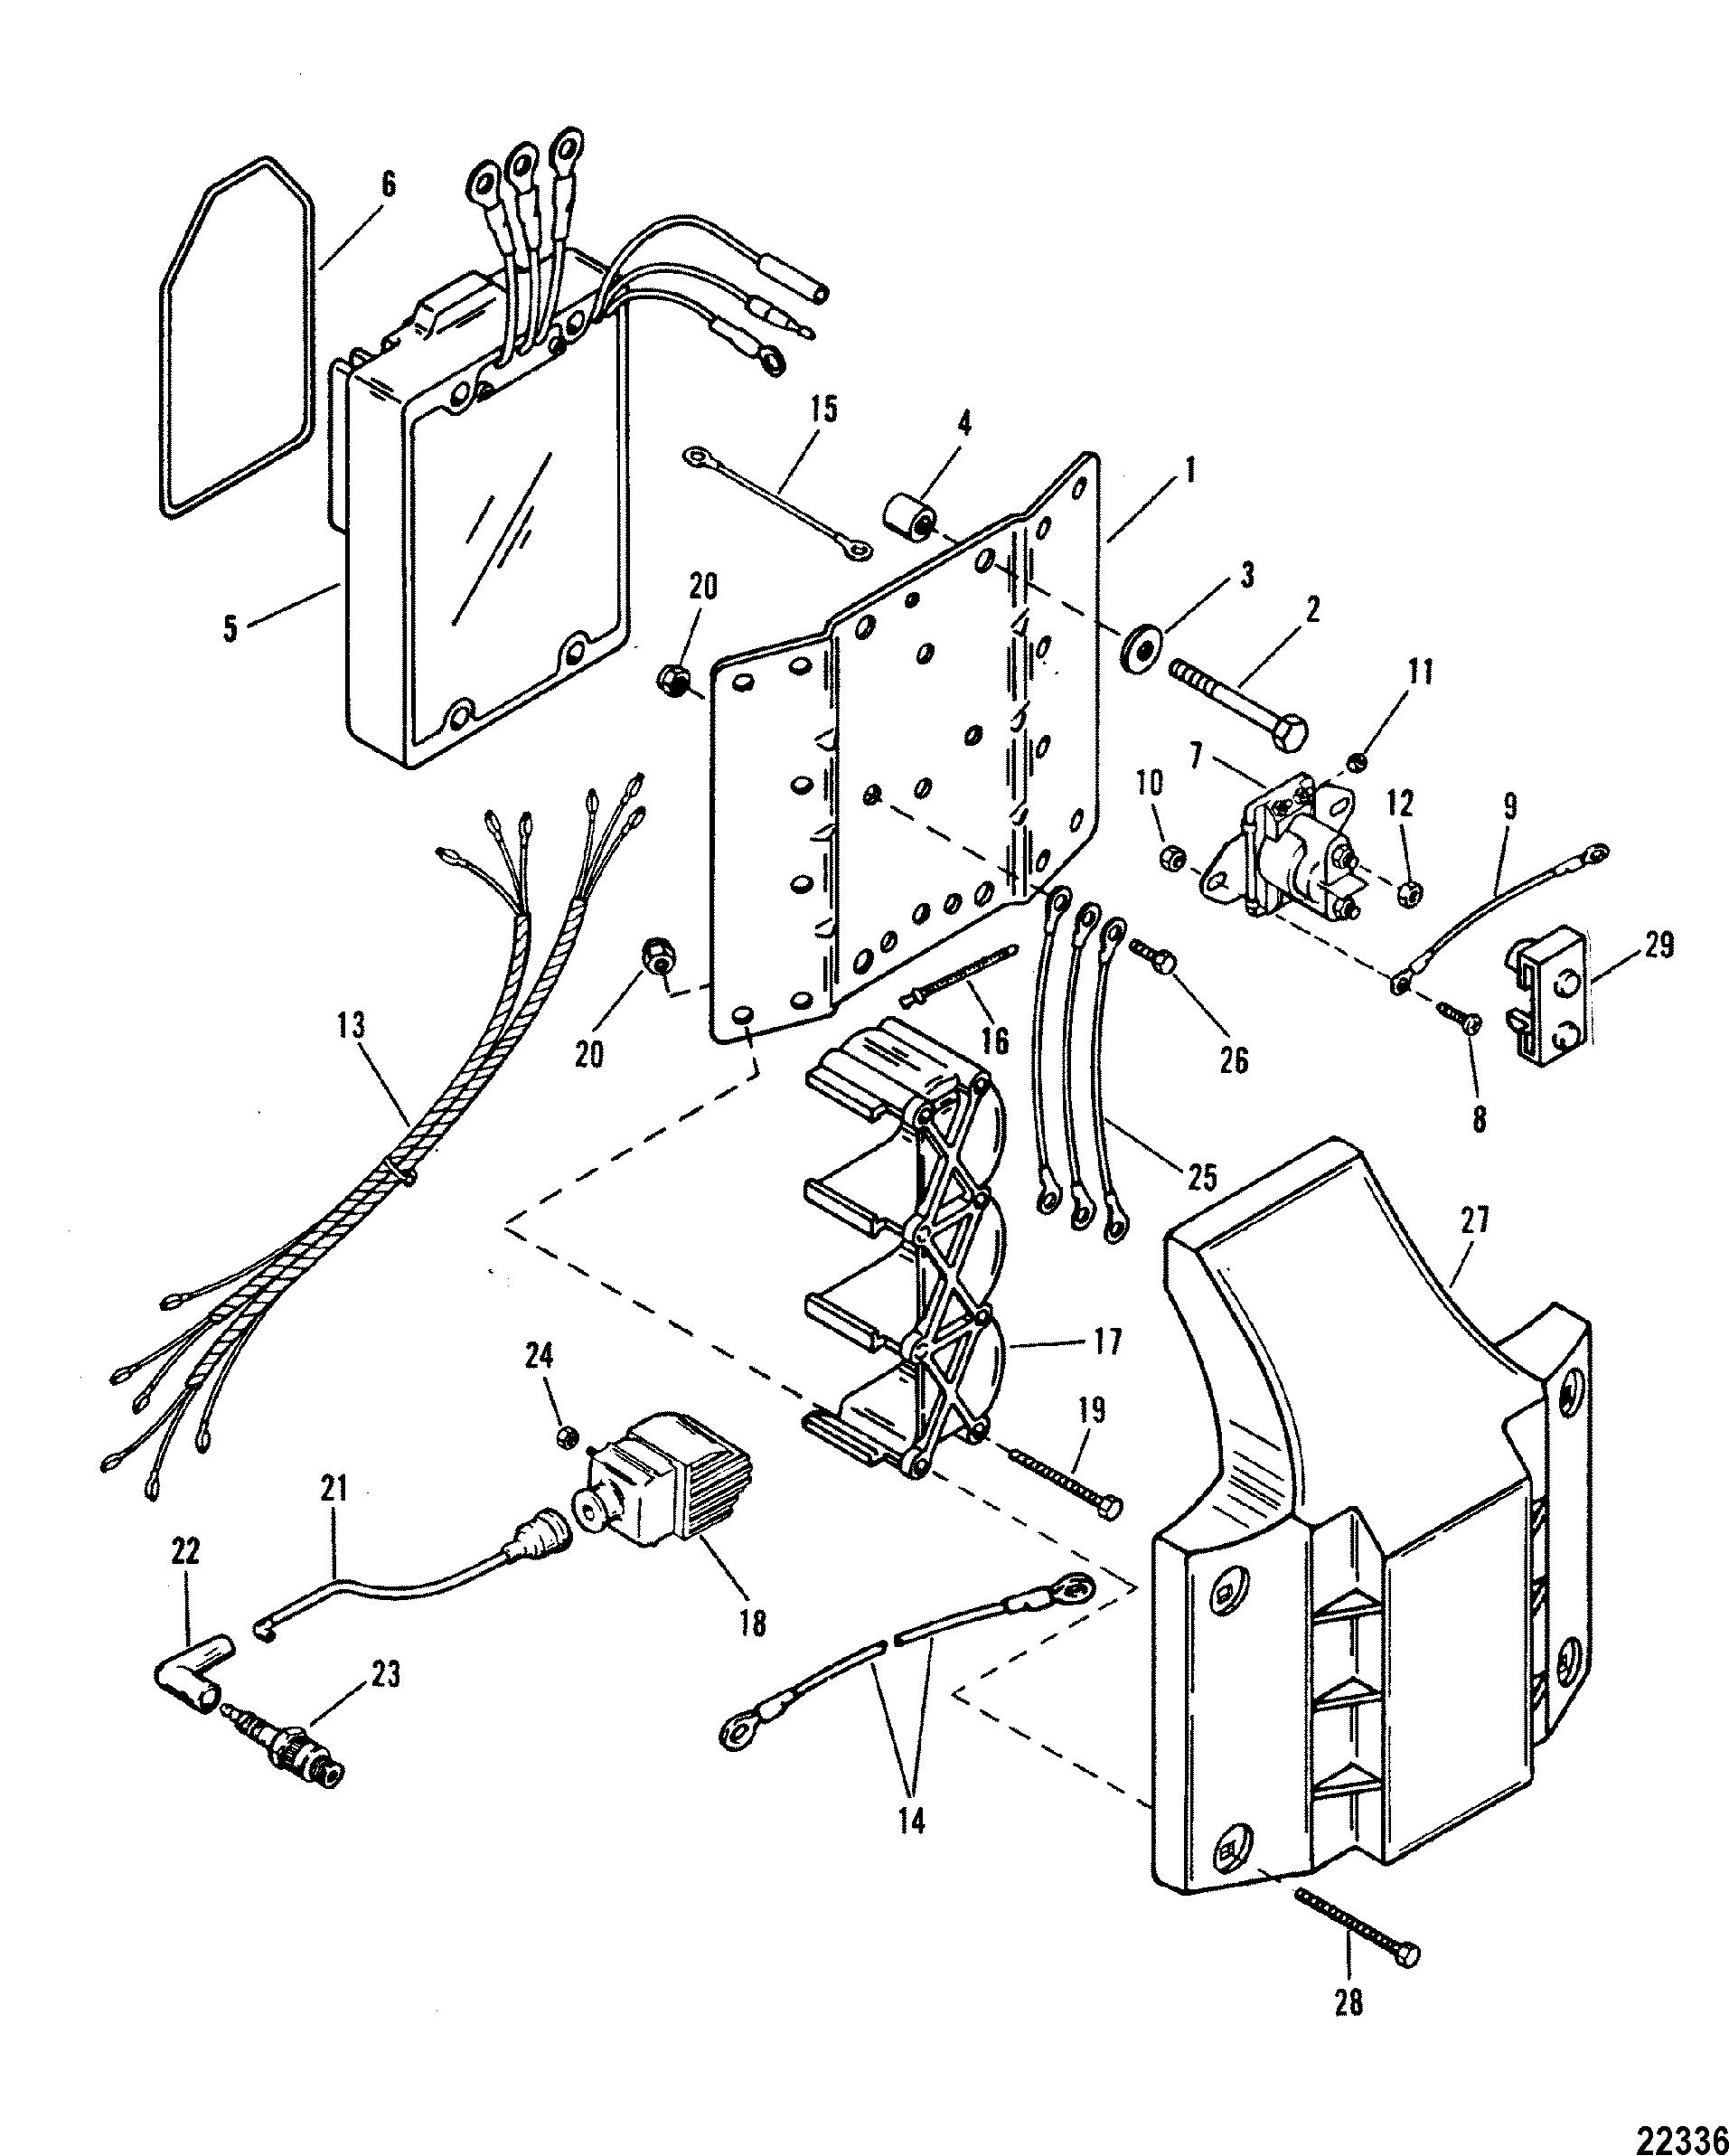 ignition coil voltage regulator for mariner mercury 175. Black Bedroom Furniture Sets. Home Design Ideas